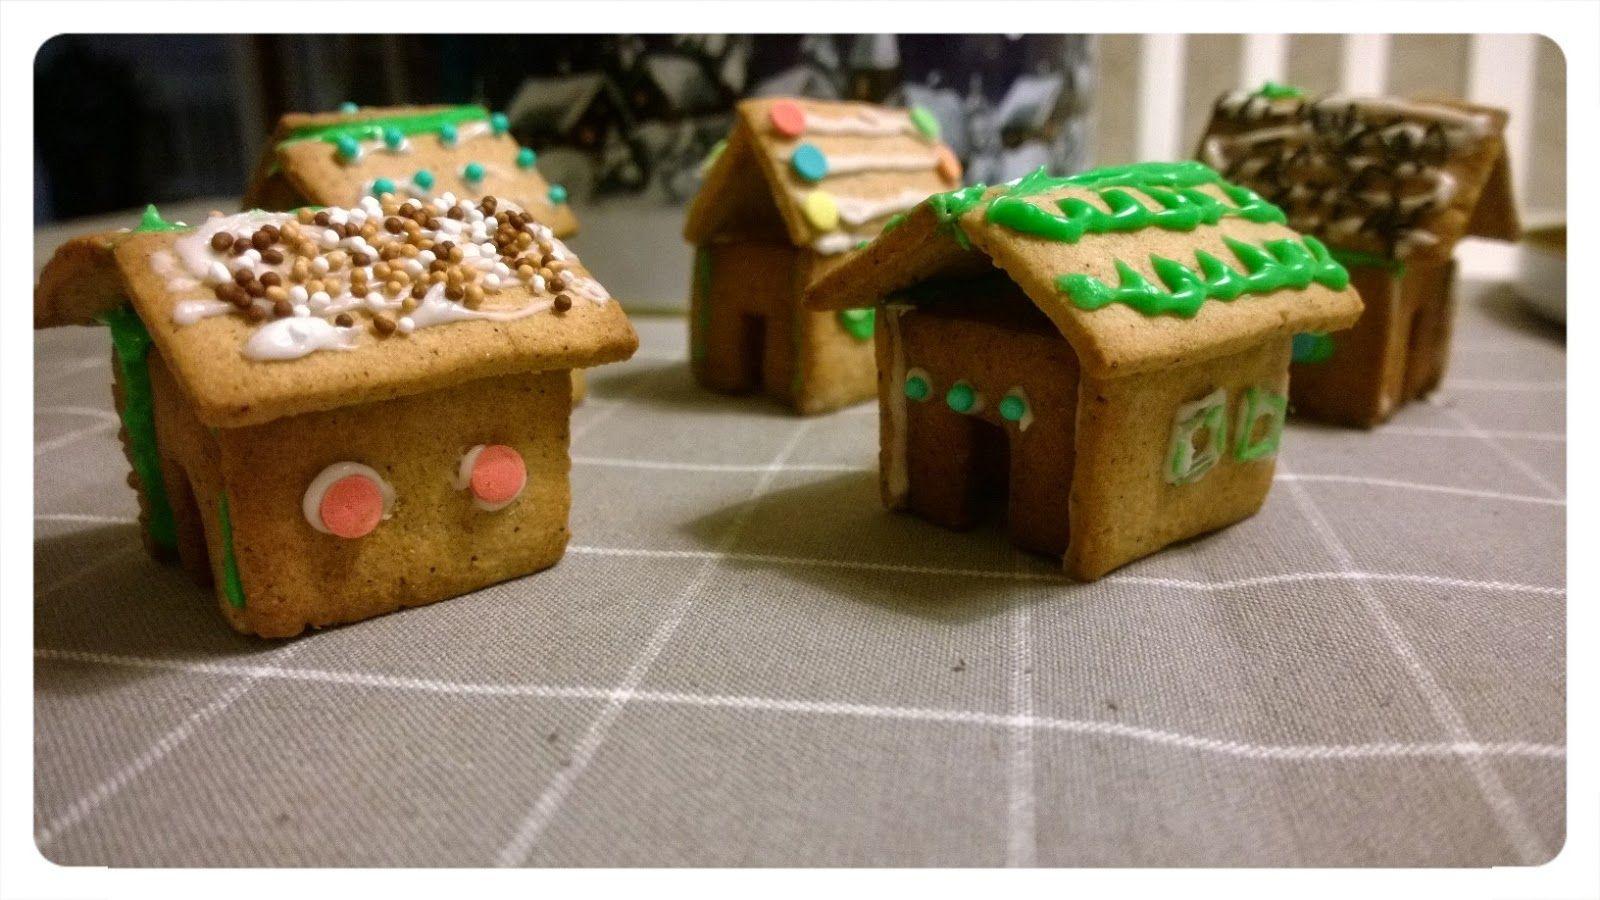 Pienin askelin: Piparit ja pikkutalot